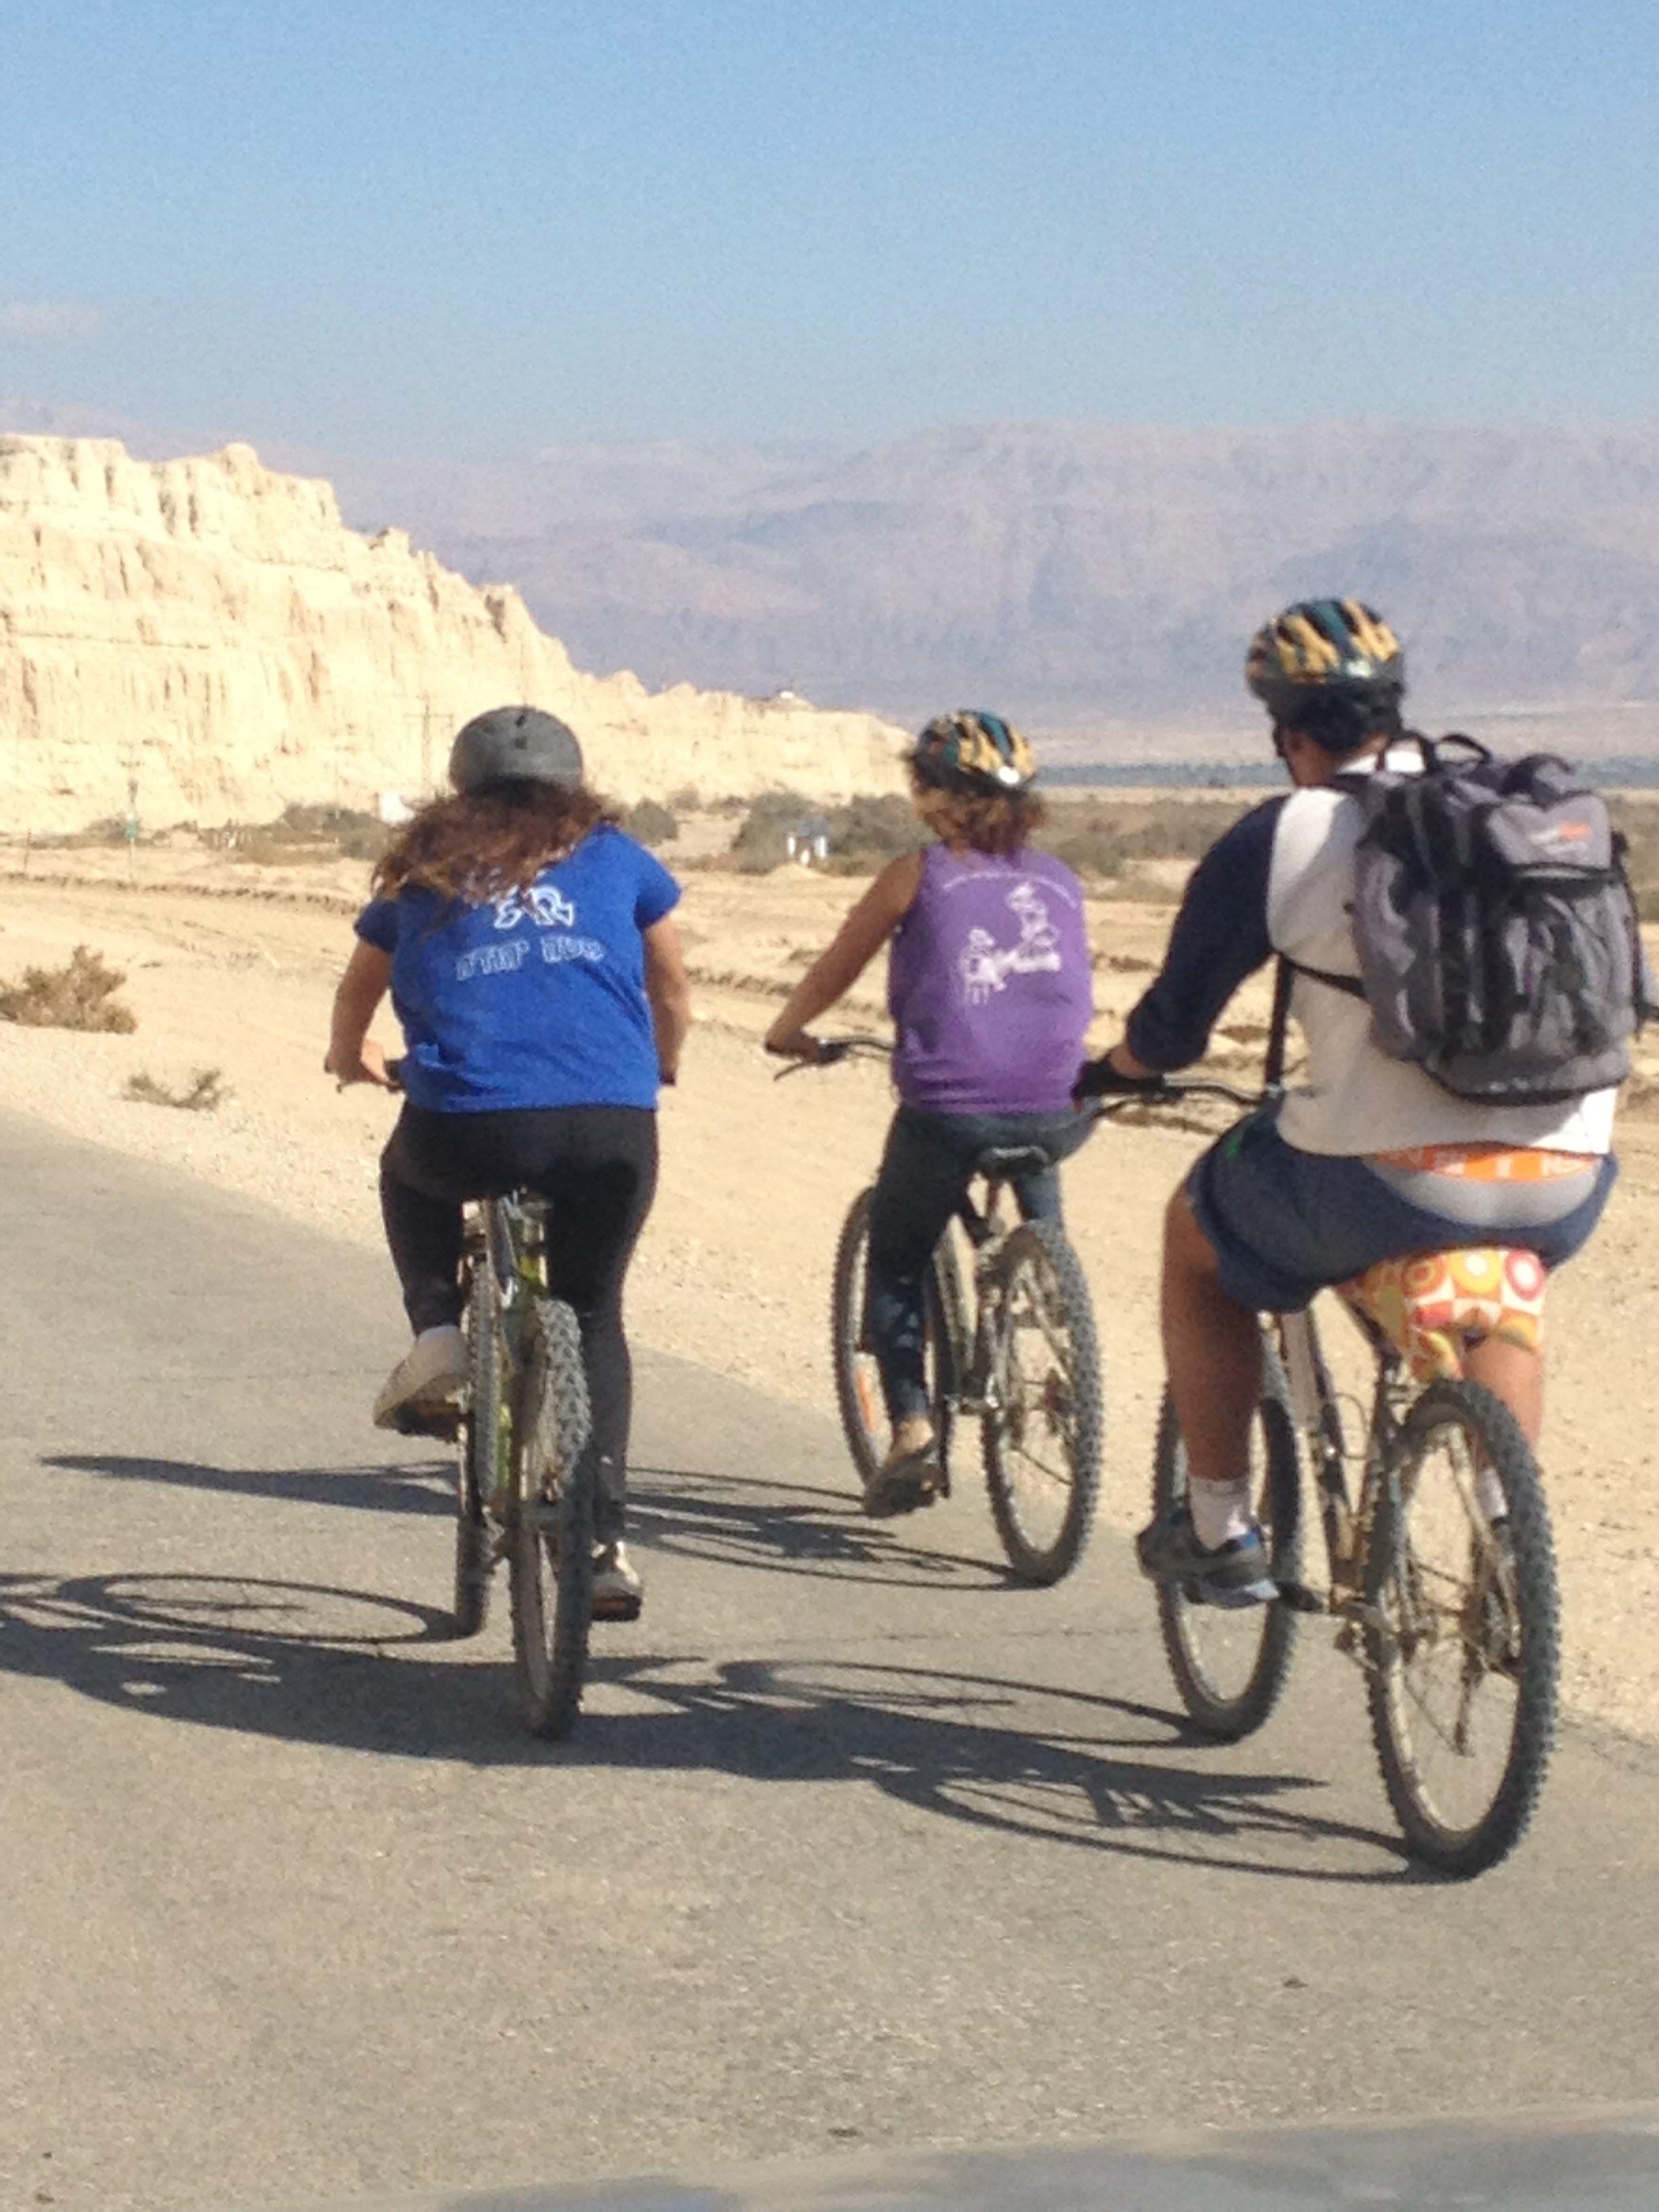 טיול אופניים מאורגן בערבה